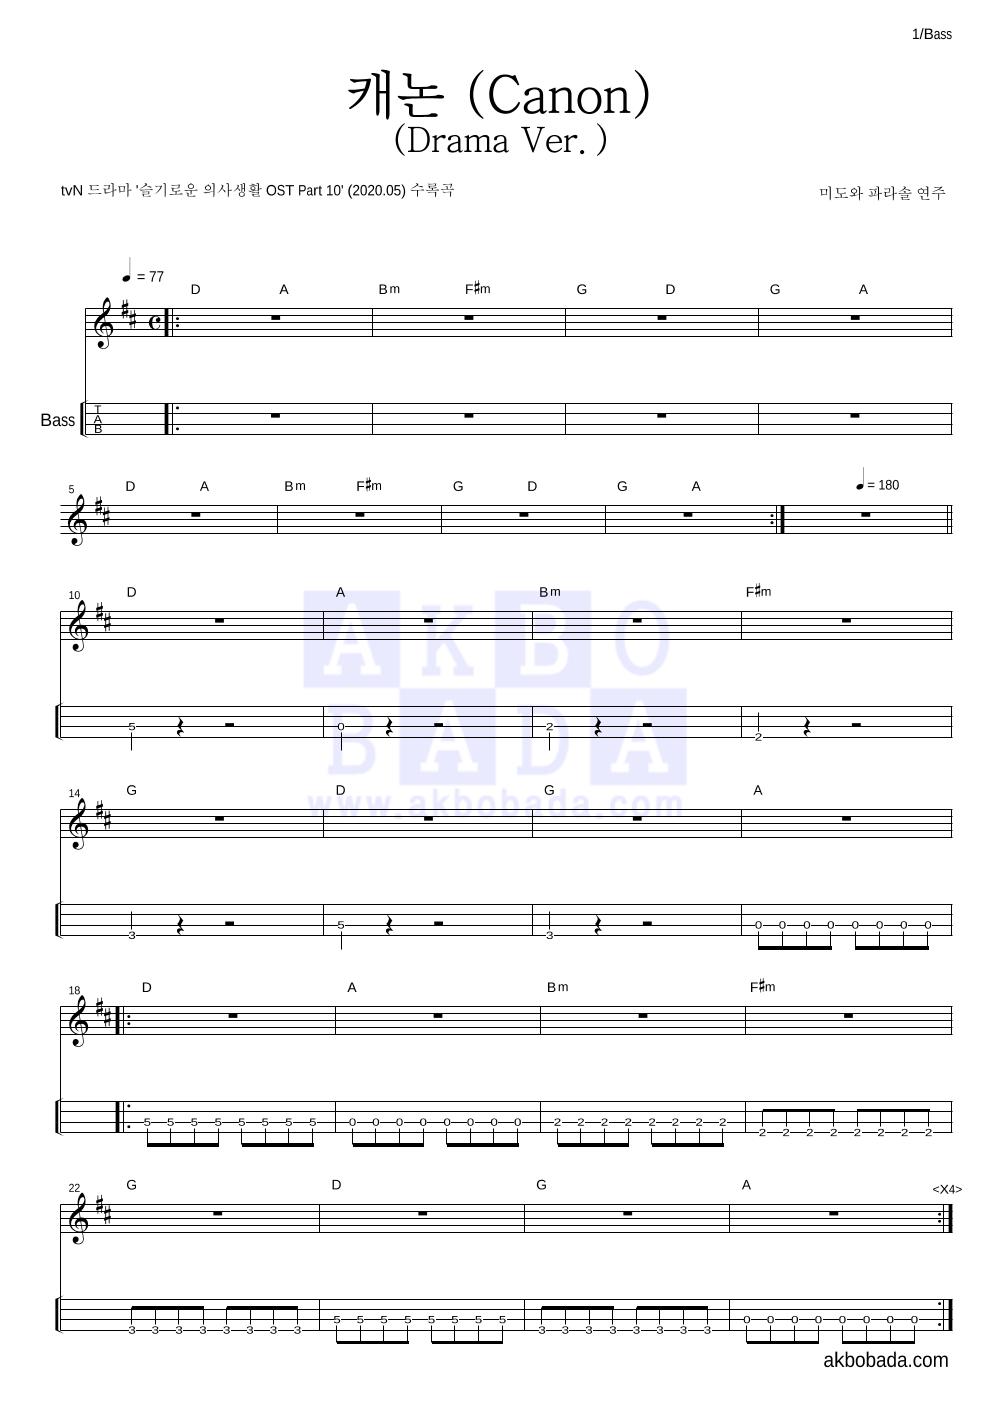 미도와 파라솔 - 캐논 (Canon) (Drama Ver.) 베이스(Tab) 악보